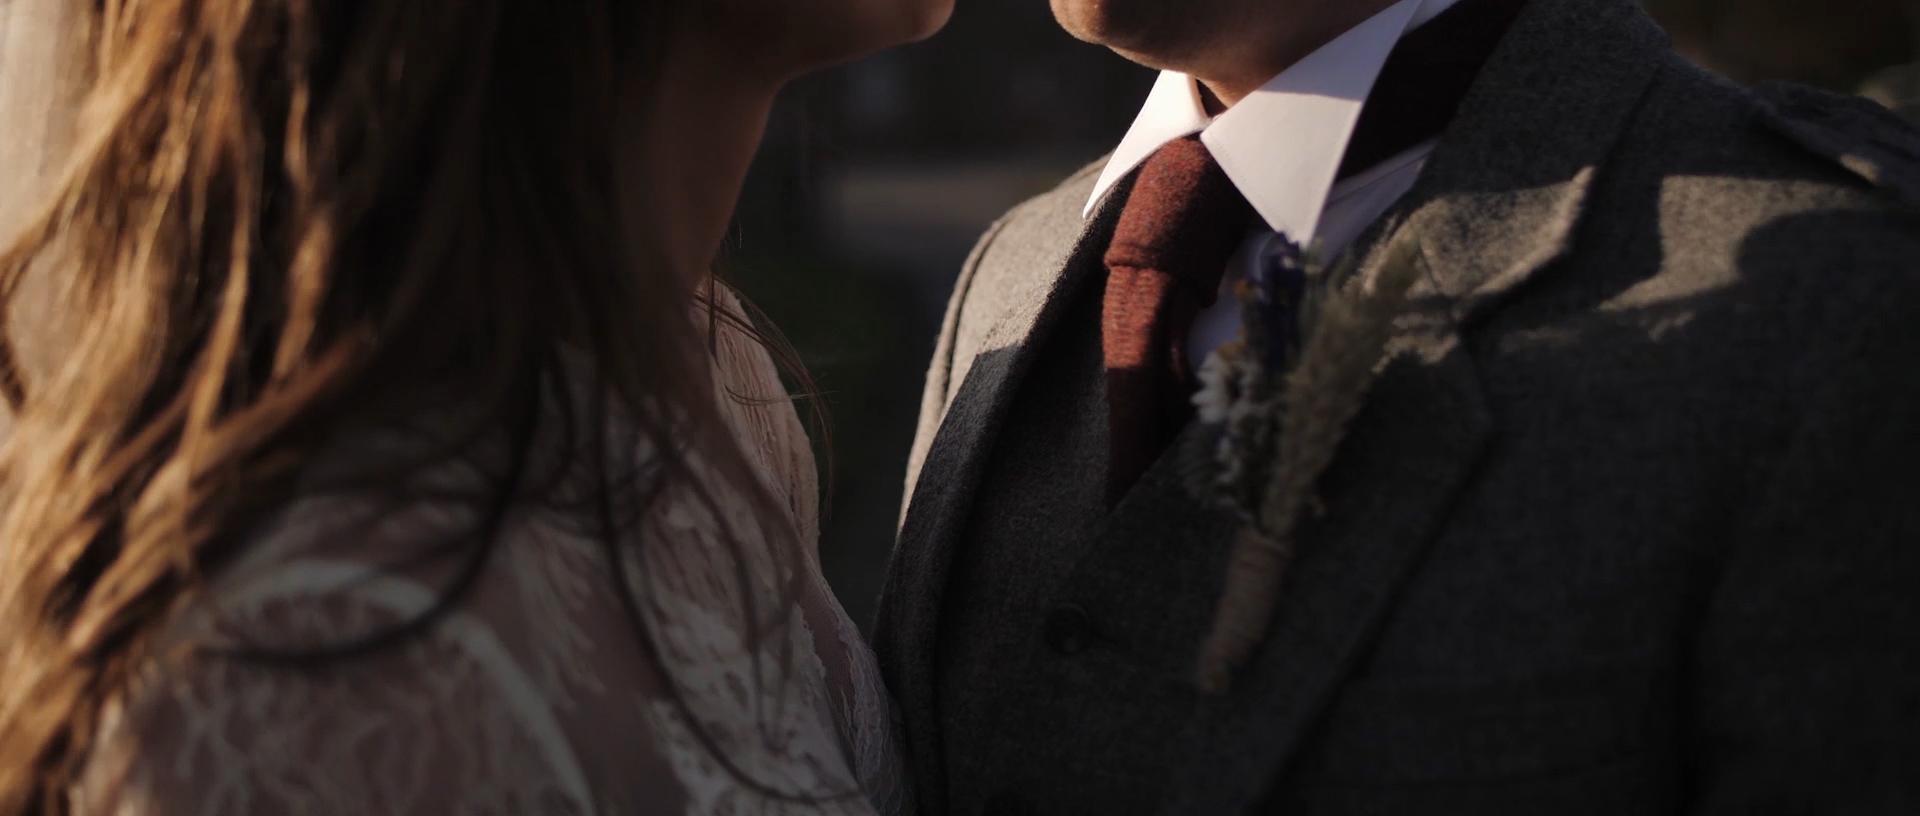 glasgow-wedding-videographer_LL_04.jpg